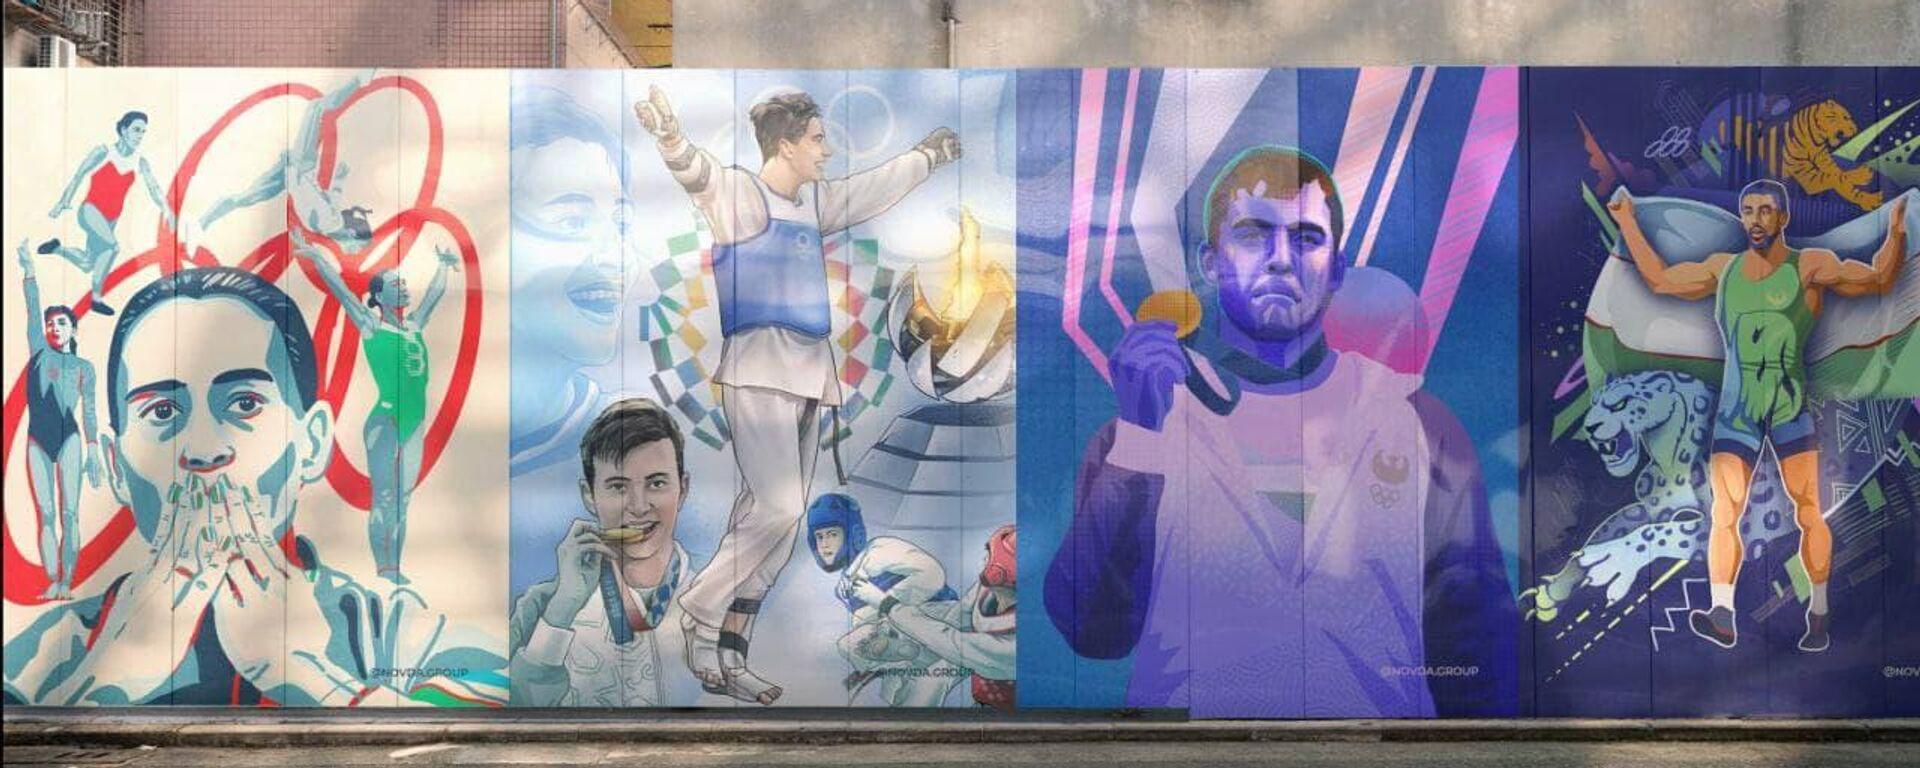 Граффити со спортсменами-олимпийцами в Ташкенте  - Sputnik Узбекистан, 1920, 11.08.2021